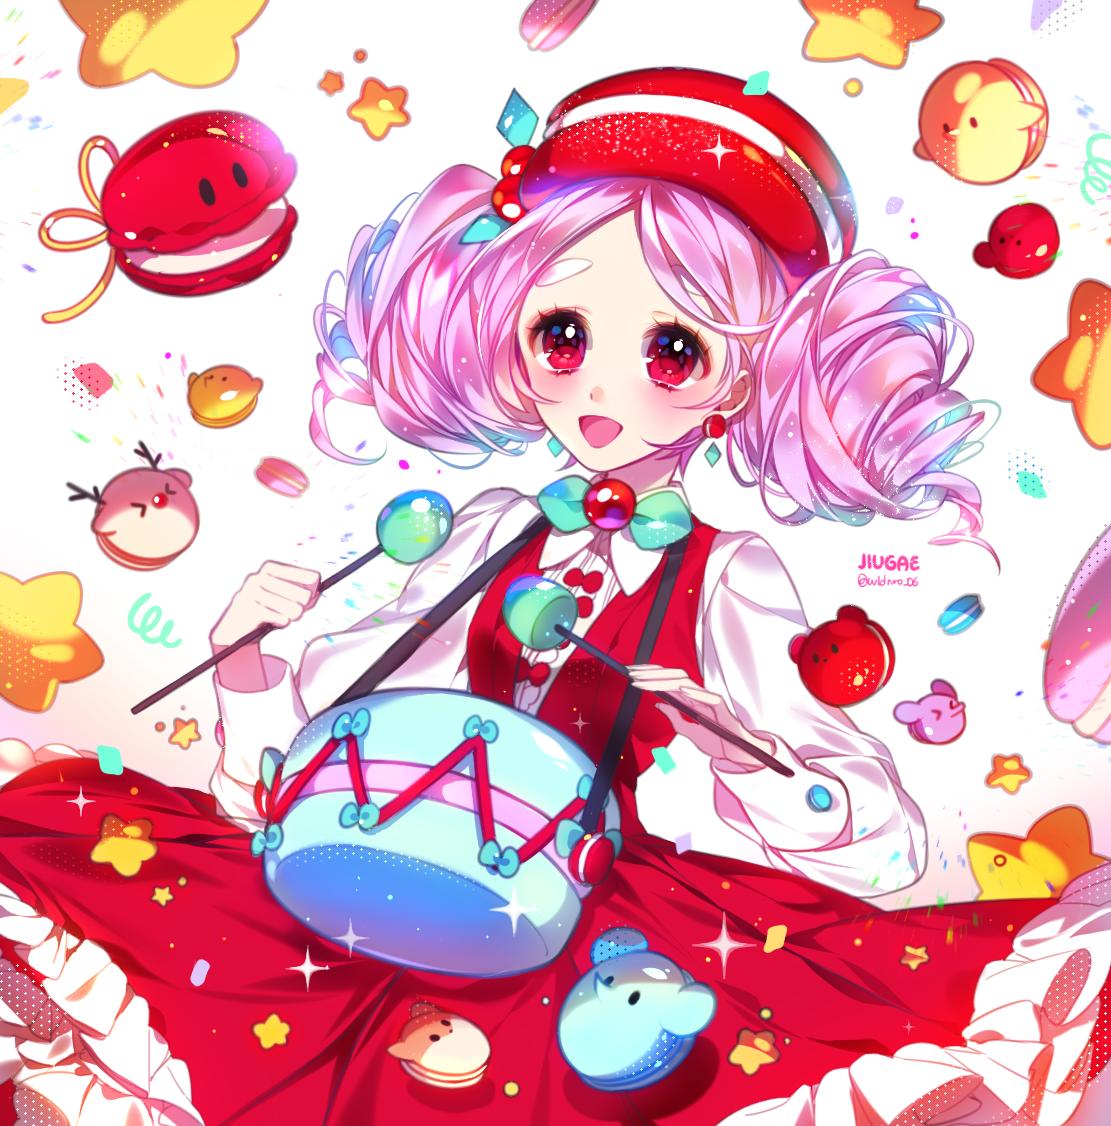 지우개/룐야 on in 2019 Cookie run, Cute art, Anime